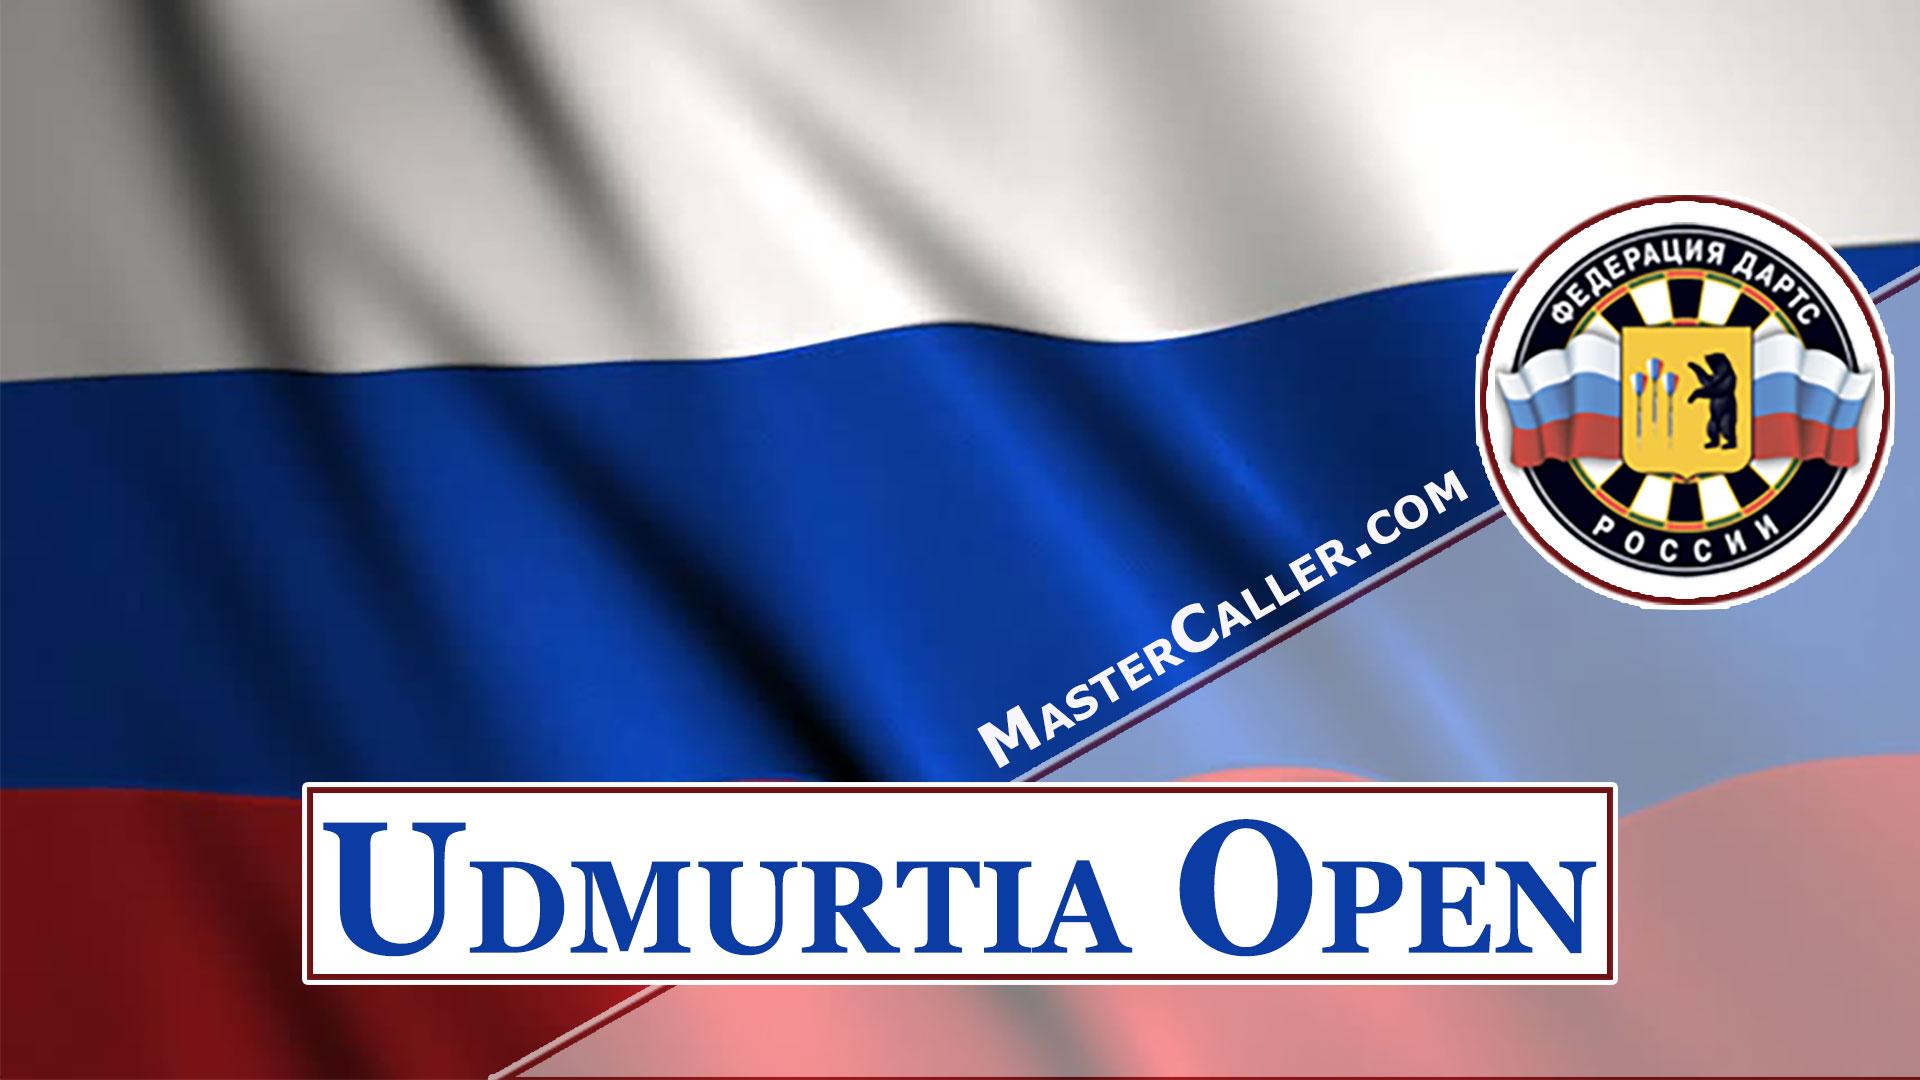 Udmurtia Open Women - 2021 Logo